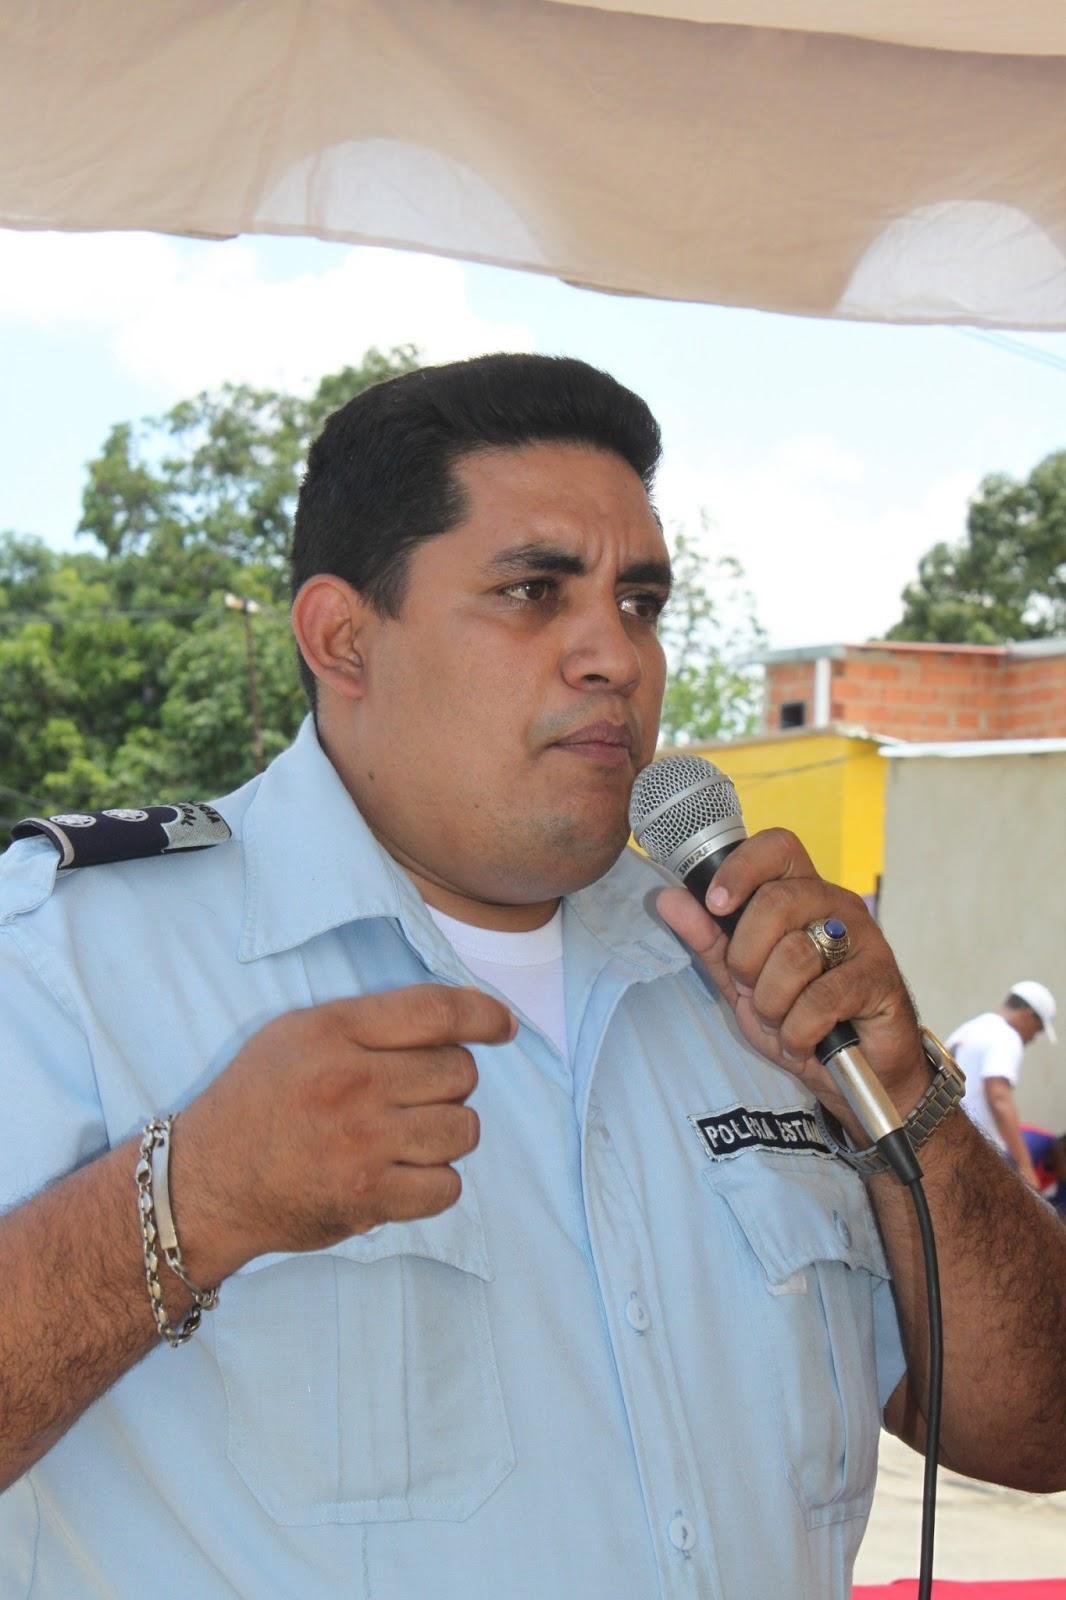 Pin Municipio Jose Angel Lamas On Pinterest